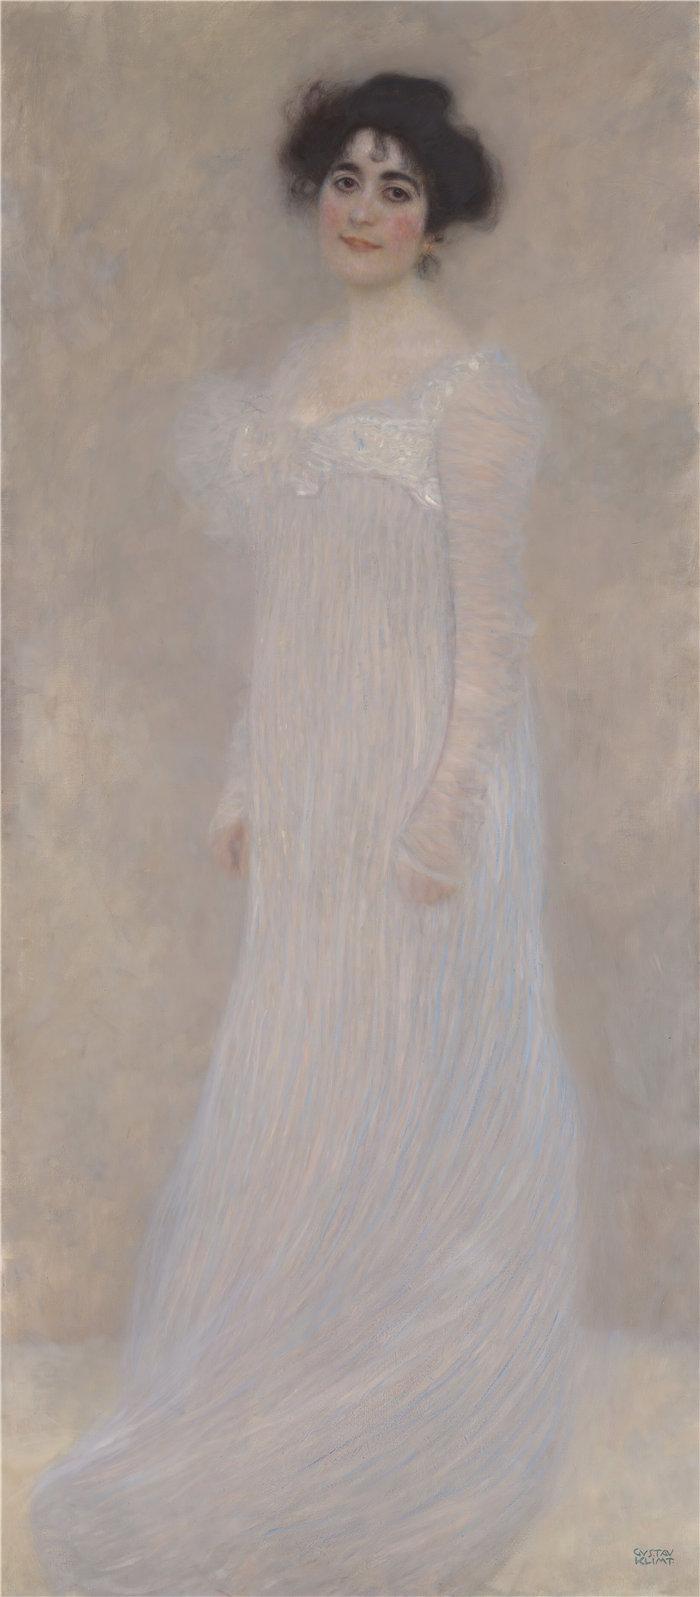 古斯塔夫·克里姆特(Gustav Klimt 奥地利画家)-瑟琳娜·普利策·莱德勒 (1867–1943) (1899)